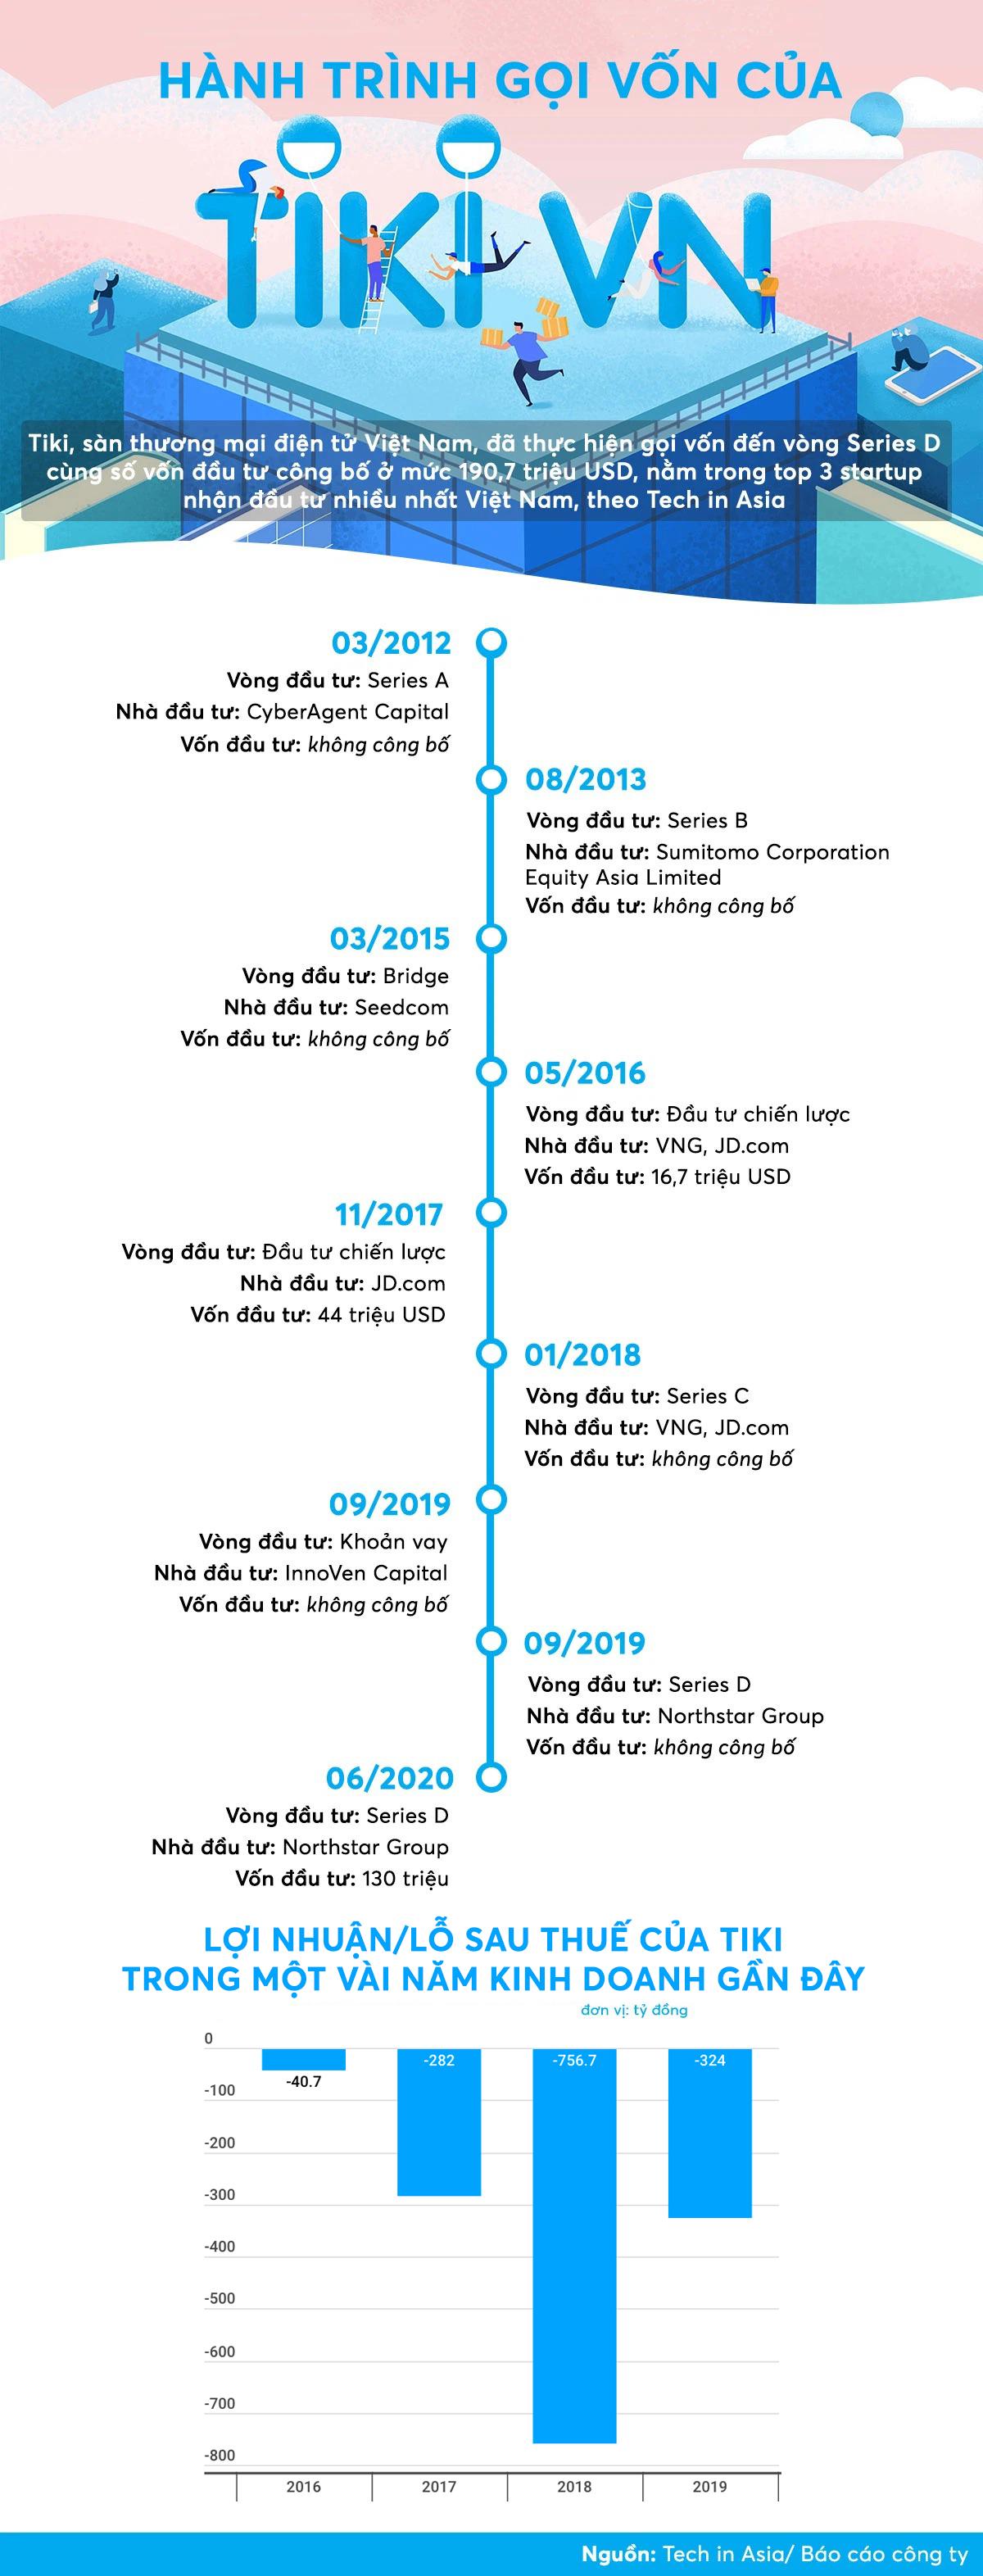 [Infographic] Nhìn lại hành trình gọi vốn hàng trăm triệu USD của Tiki - Ảnh 1.